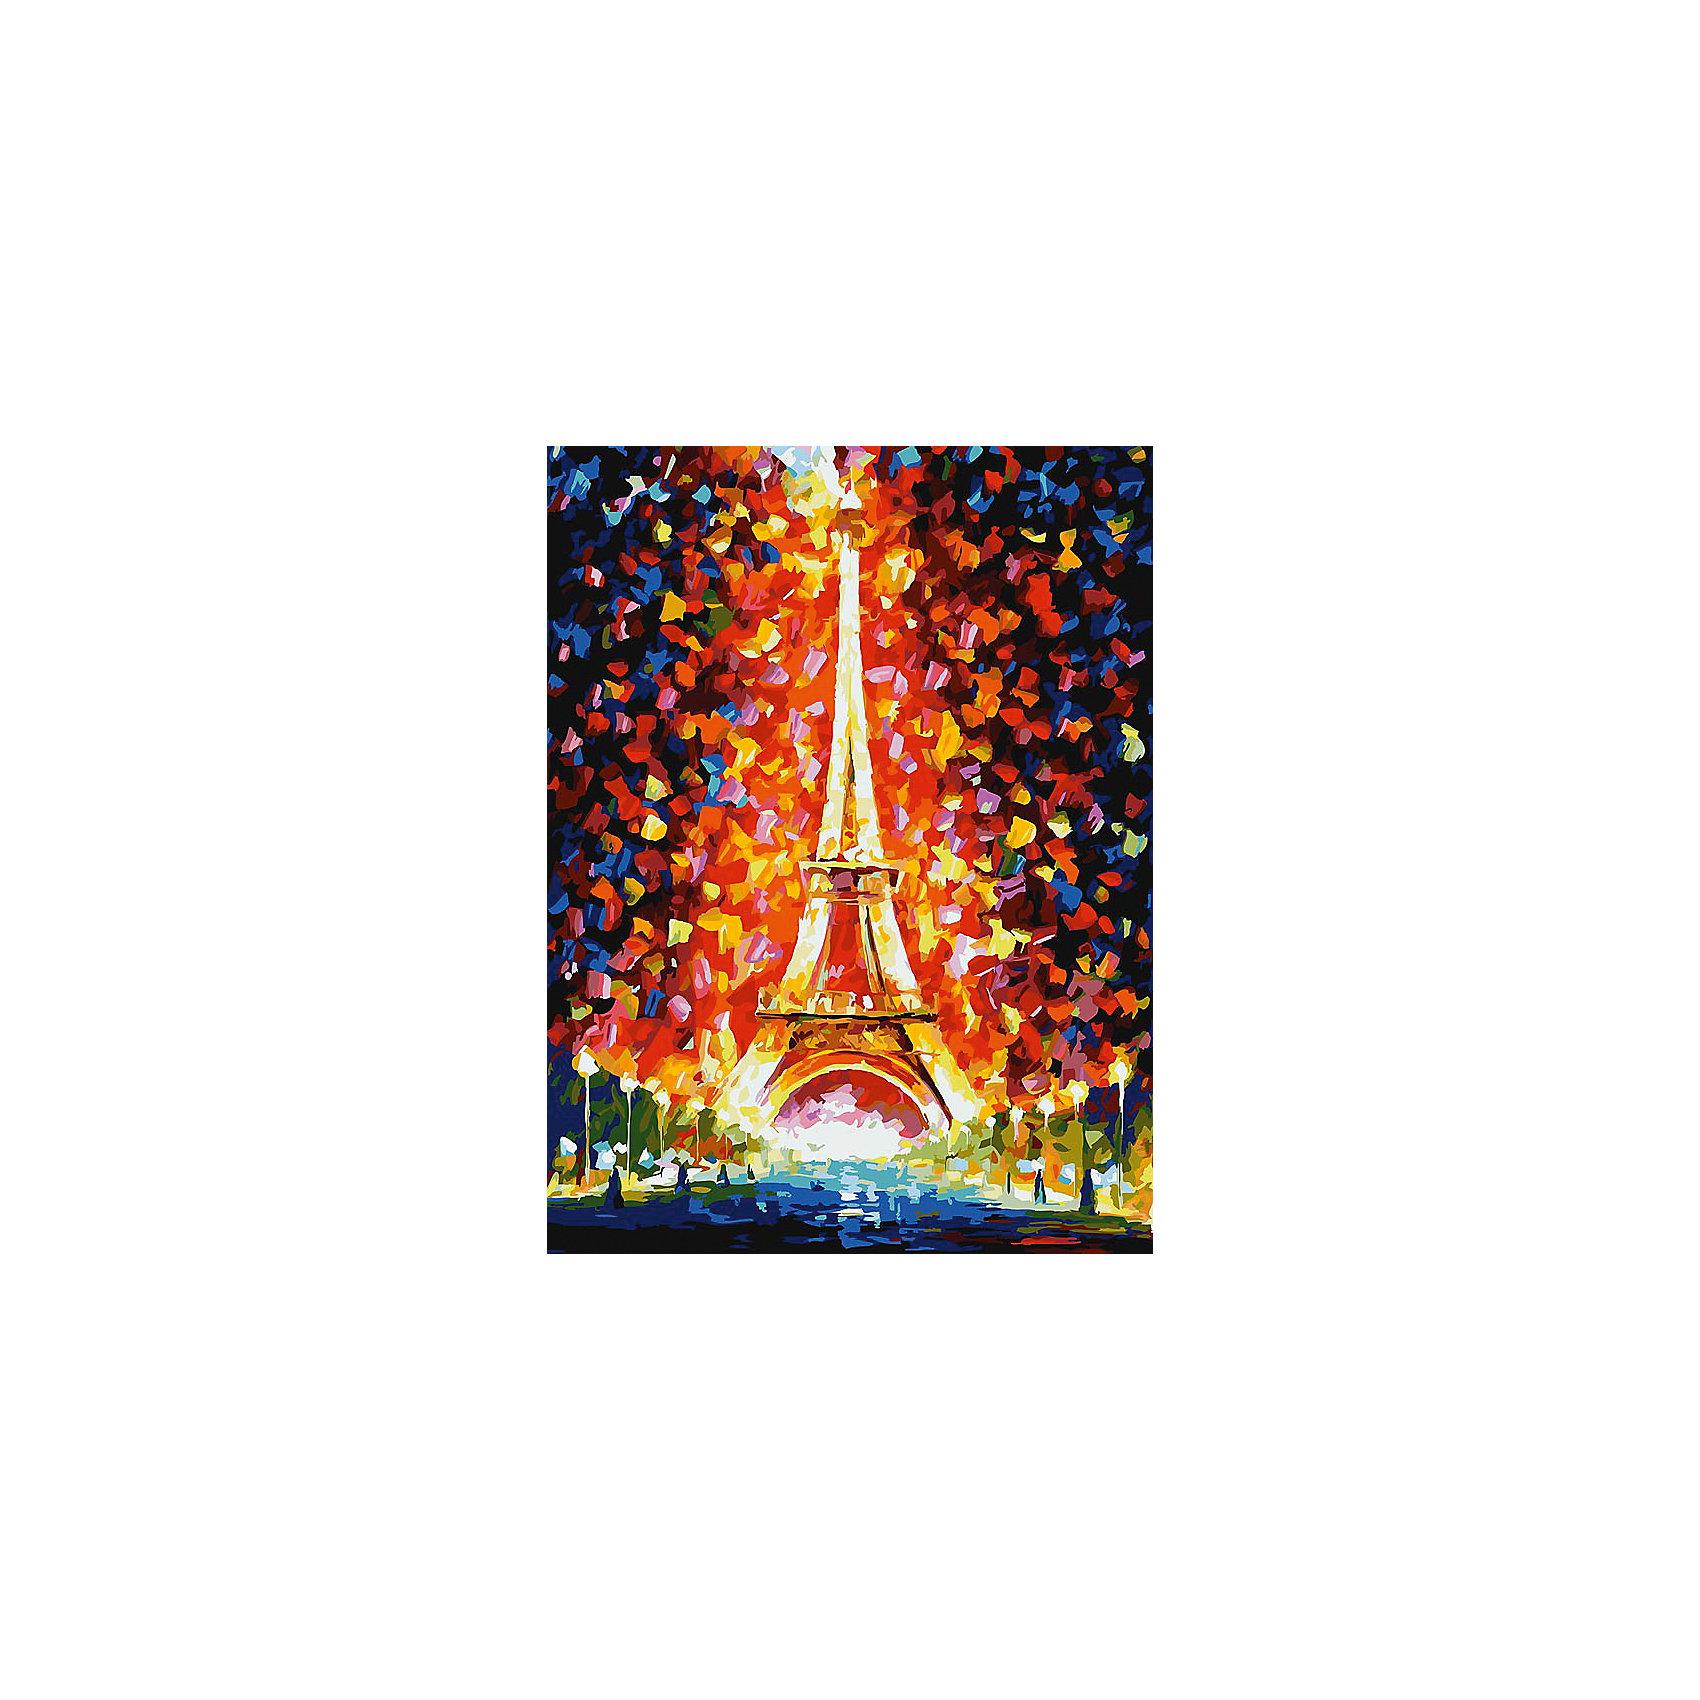 Живопись на холсте Париж - огни Эйфелевой башни 30*40 смХарактеристики товара:<br><br>• цвет: разноцветный<br>• материал: акрил, картон<br>• размер: 30 x 40 см<br>• комплектация: полотно на подрамнике с контурами рисунка, пробный лист с рисунком, набор акриловых красок, три кисти, крепление на стену для картины<br>• для детей от шести лет и взрослых<br>• не требует специальных навыков<br>• страна бренда: Китай<br>• страна изготовитель: Китай<br><br>Как с удовольствием и пользой провести время? Порисовать! Это занятие, которое любят многие дети и взрослые. Рисование помогает развить важные навыки и просто приносит удовольствие! Чтобы вселить в ребенка уверенность в своих силах, можно предложить ему этот набор - в нем уже есть сюжет, контуры рисунка и участки с номерами, которые обозначают определенную краску из набора. Все оттенки уже готовы, задача художника - аккуратно, с помощью кисточек из набора, нанести краски на определенный участок полотна.<br>Взрослым также понравится этот процесс, рисовать можно и вместе с малышом! В итоге получается красивая картина, которой можно украсить интерьер. Рисование способствует развитию мелкой моторики, воображения, цветовосприятия, творческих способностей и усидчивости. Набор отлично проработан, сделан из качественных и проверенных материалов, которые безопасны для детей. Краски - акриловые, они быстро сохнут и легко смываются с кожи.<br><br>Живопись на холсте 30*40 см Париж - огни Эйфелевой башни от торговой марки Белоснежка можно купить в нашем интернет-магазине.<br><br>Ширина мм: 410<br>Глубина мм: 310<br>Высота мм: 25<br>Вес г: 567<br>Возраст от месяцев: 72<br>Возраст до месяцев: 144<br>Пол: Унисекс<br>Возраст: Детский<br>SKU: 5089641